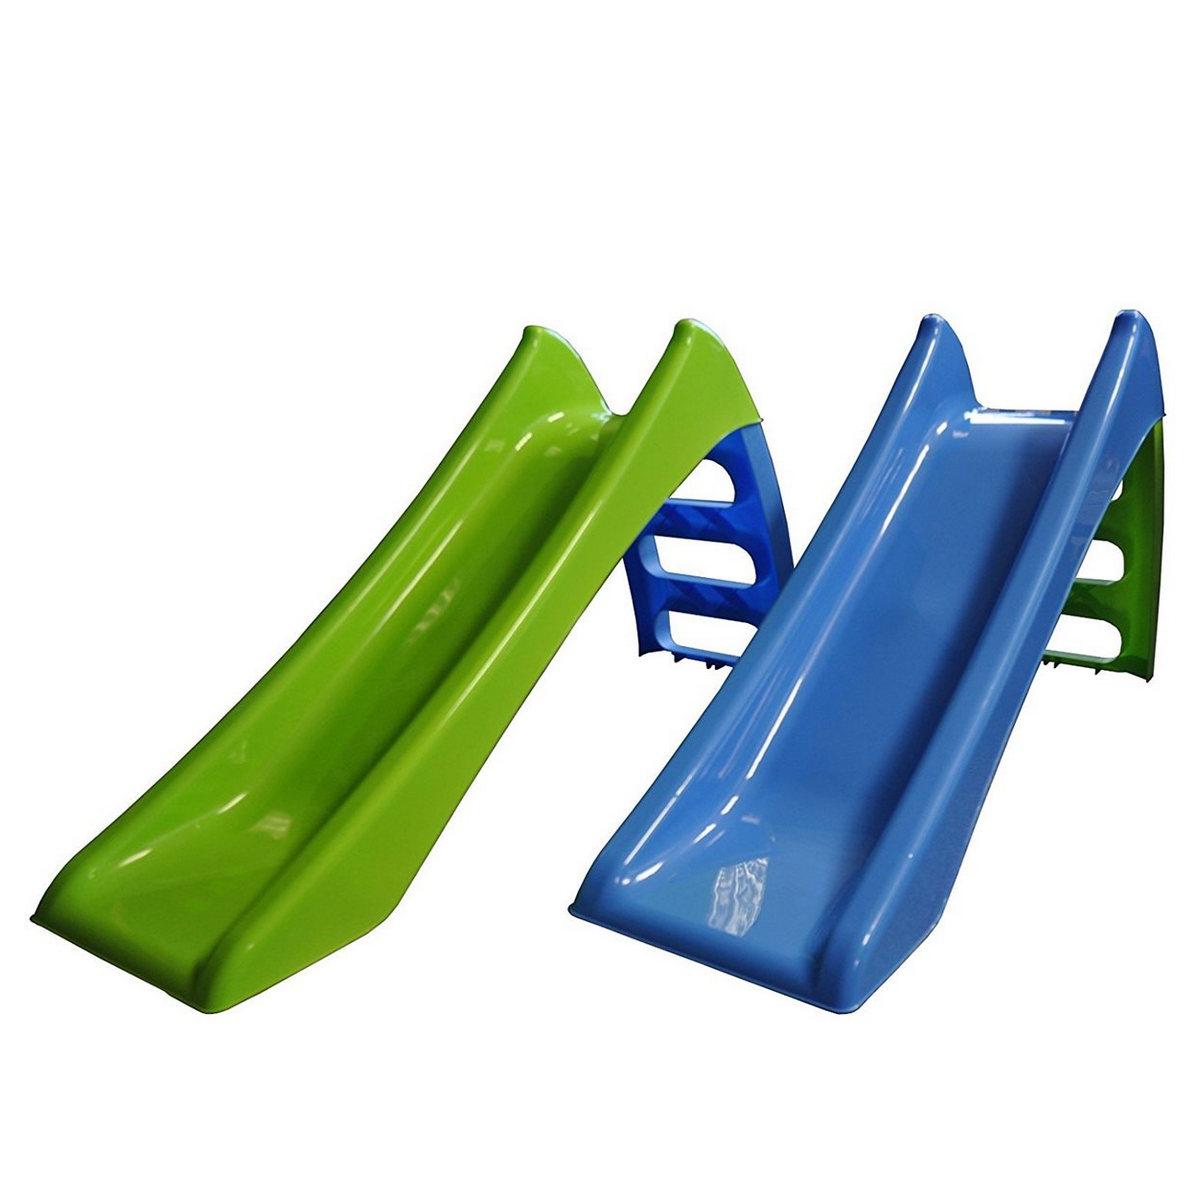 Scivolo 3 gradini 116X36X62,5cm verde blu